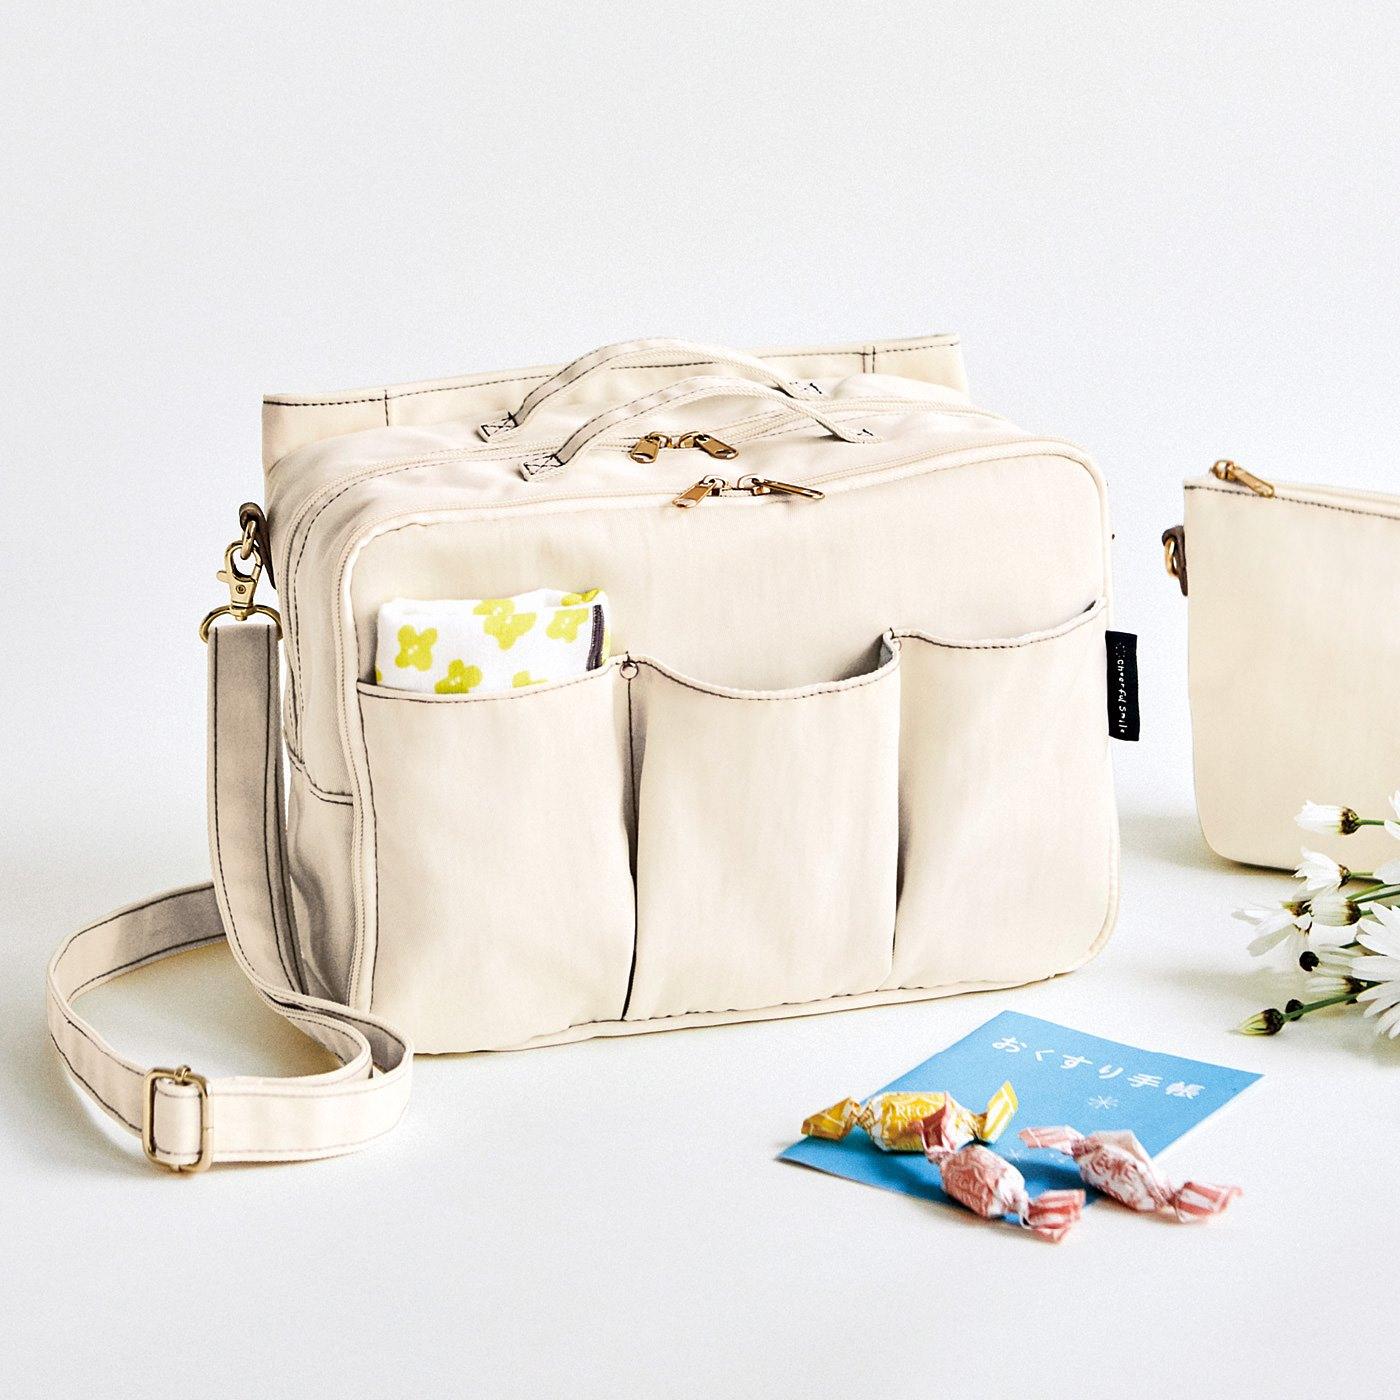 フェリシモ チャレンジド・クリエイティブ・プロジェクト Cheerful Smile 通院アイテムひとまとめ 2-WAYホスピタルバッグの会